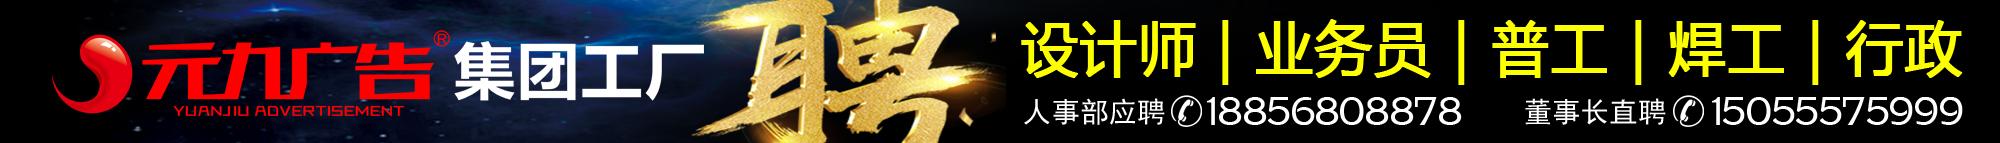 元九广告集团